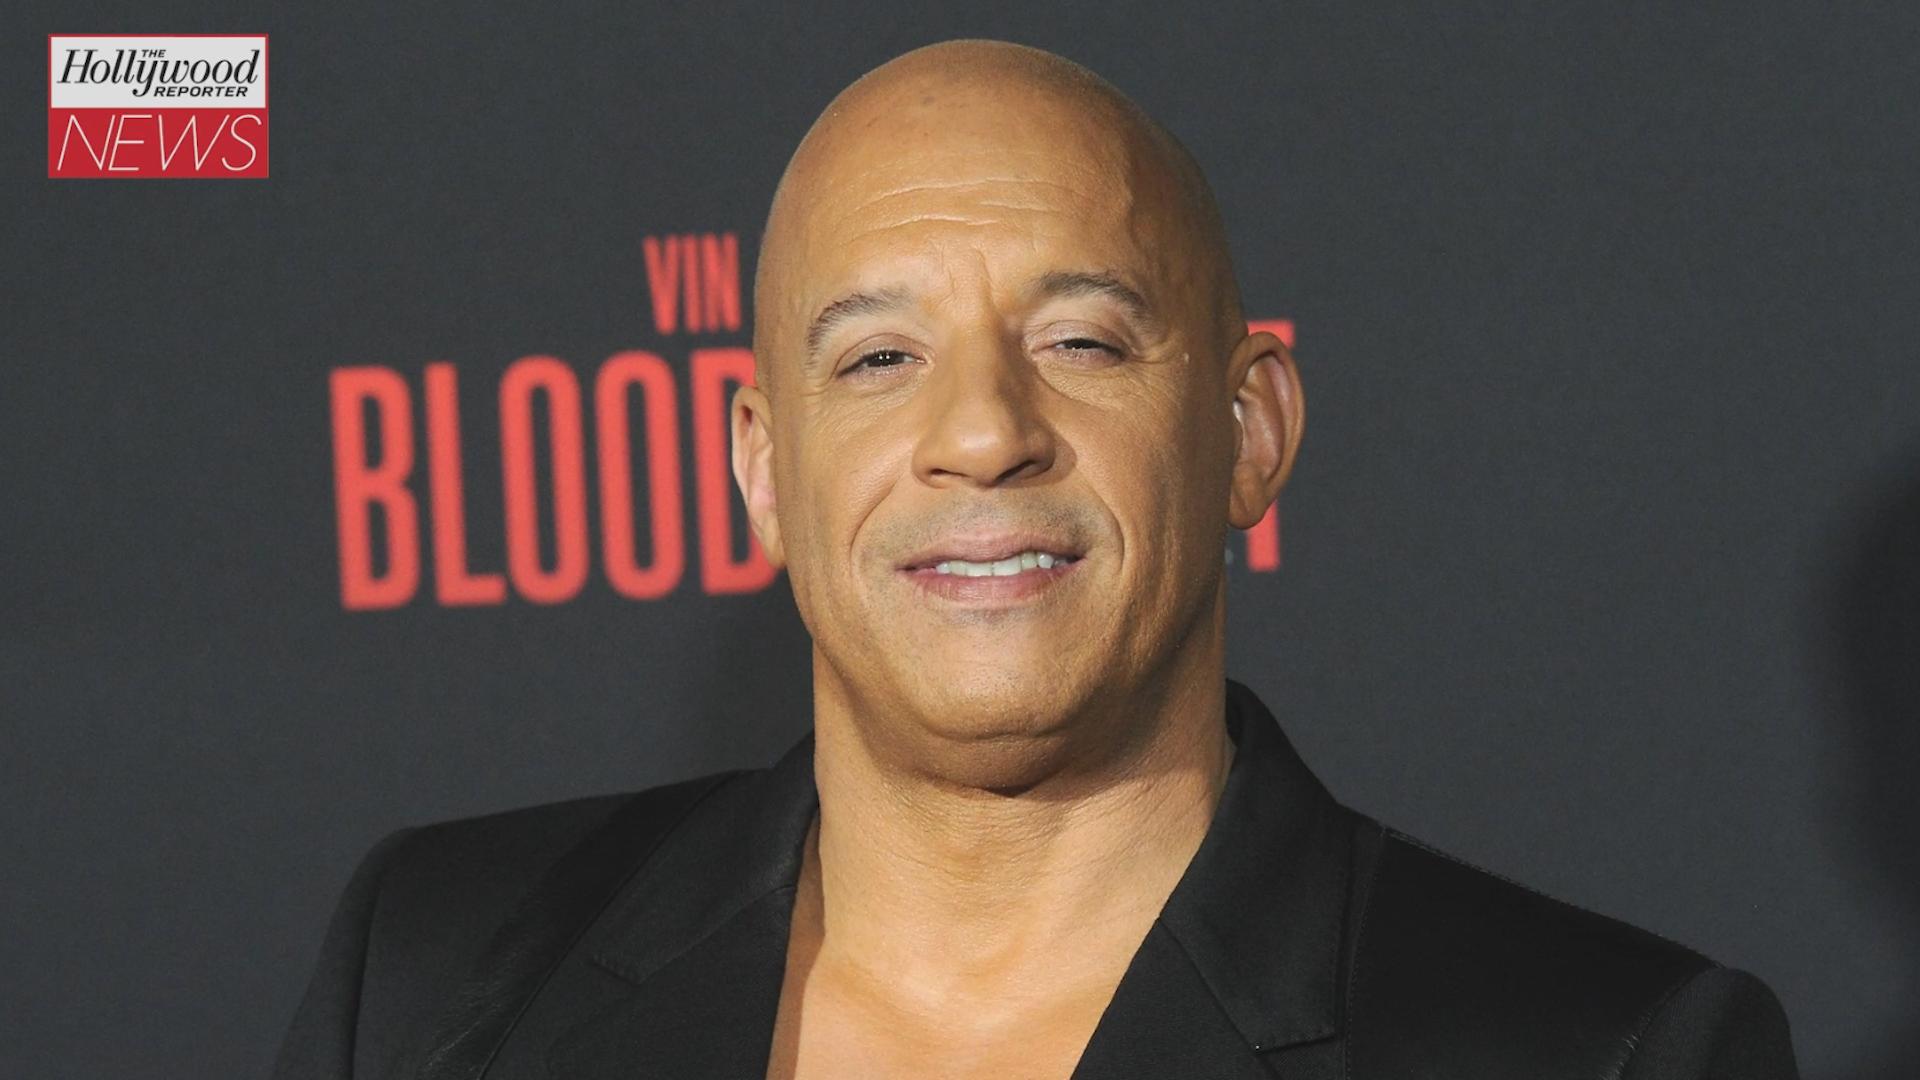 Vin Diesel Starring in Live-Action Rock 'Em Sock 'Em Robots Movie | THR News